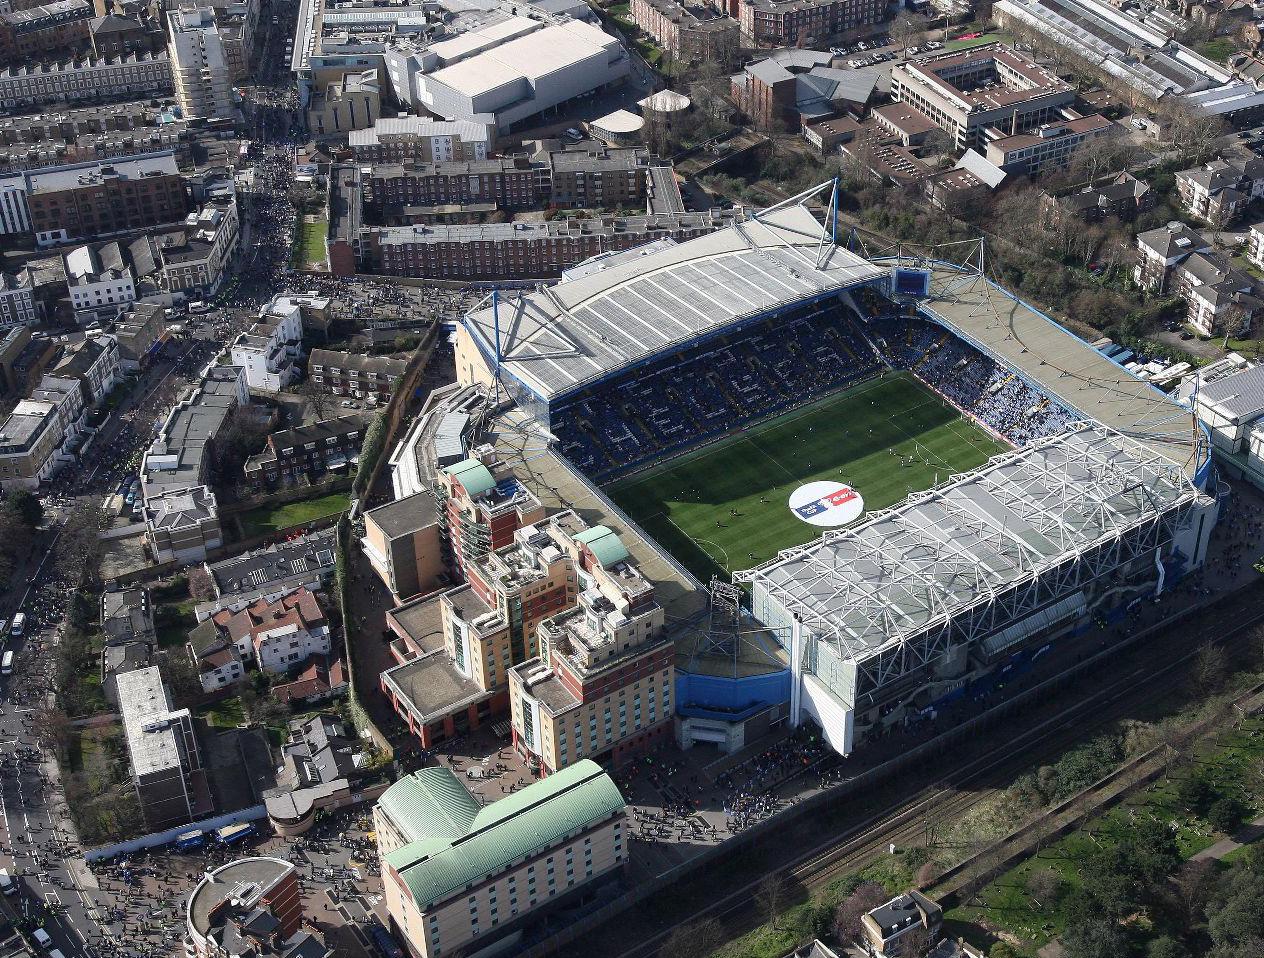 http://3.bp.blogspot.com/-iWrnXtbOlkk/TkDTERoU3EI/AAAAAAAAAAY/MKHPLeAEzM4/s1600/Stamford+Bridge+Stadium+Chelsea+Fc.jpg